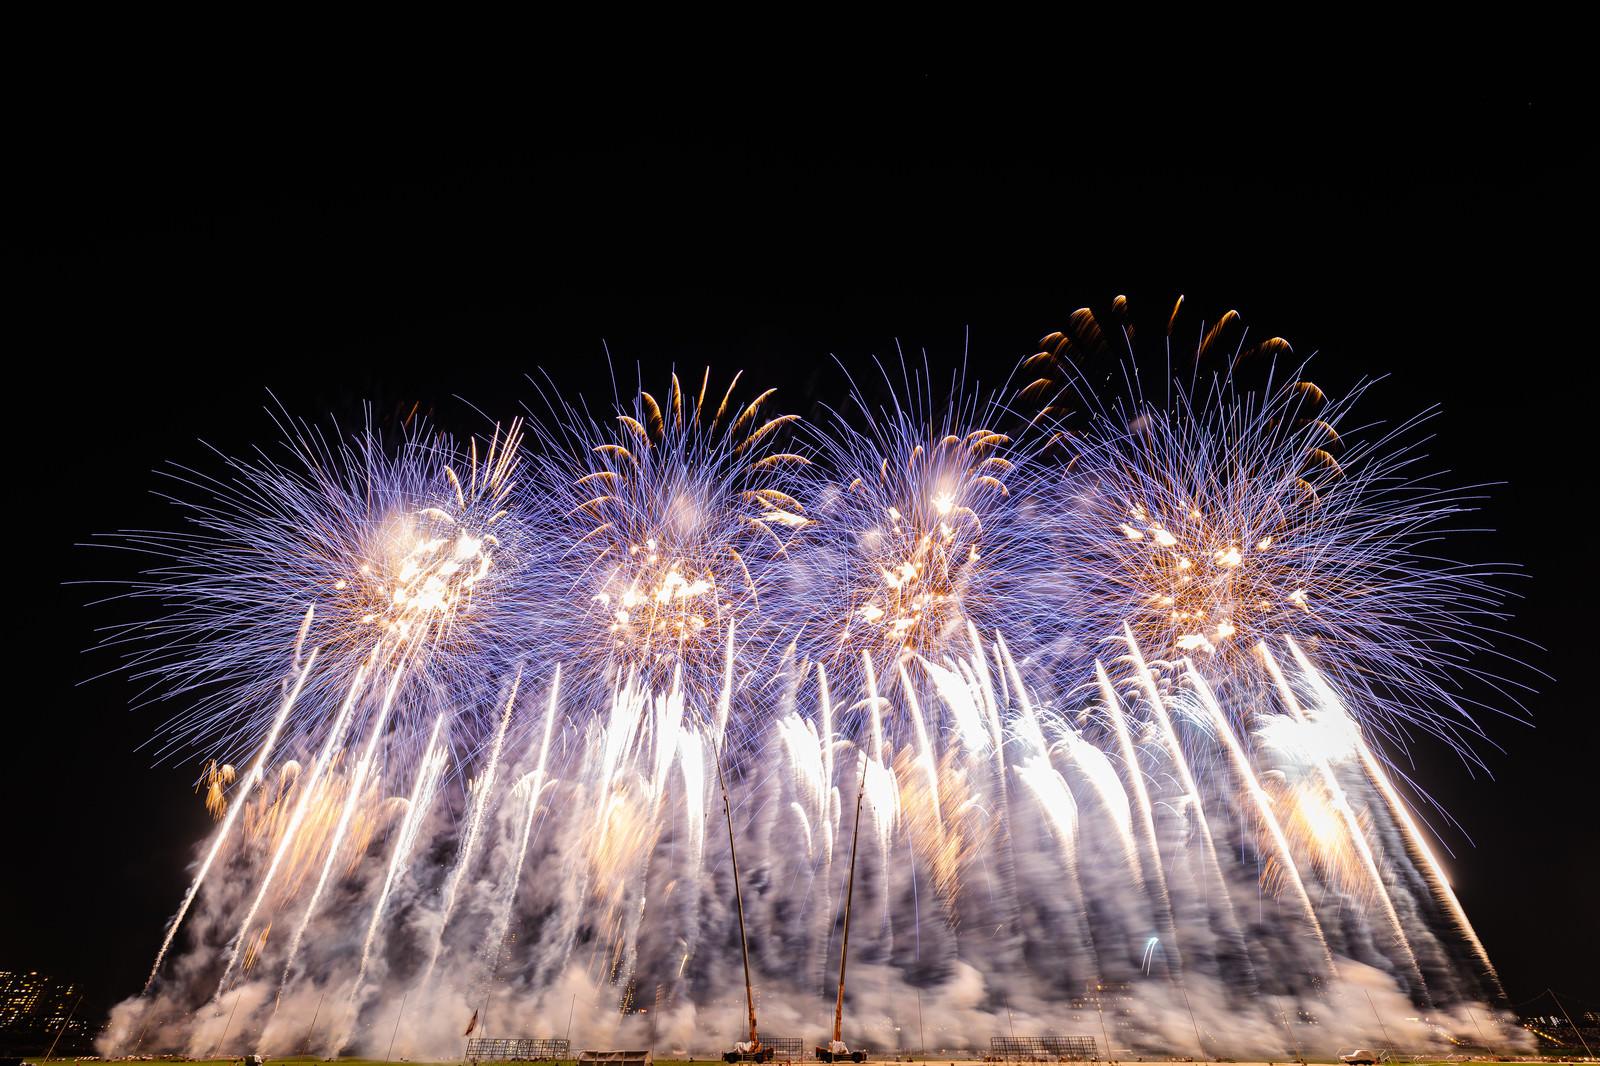 「次々に打ち上がる花火(江戸川区花火大会)」の写真